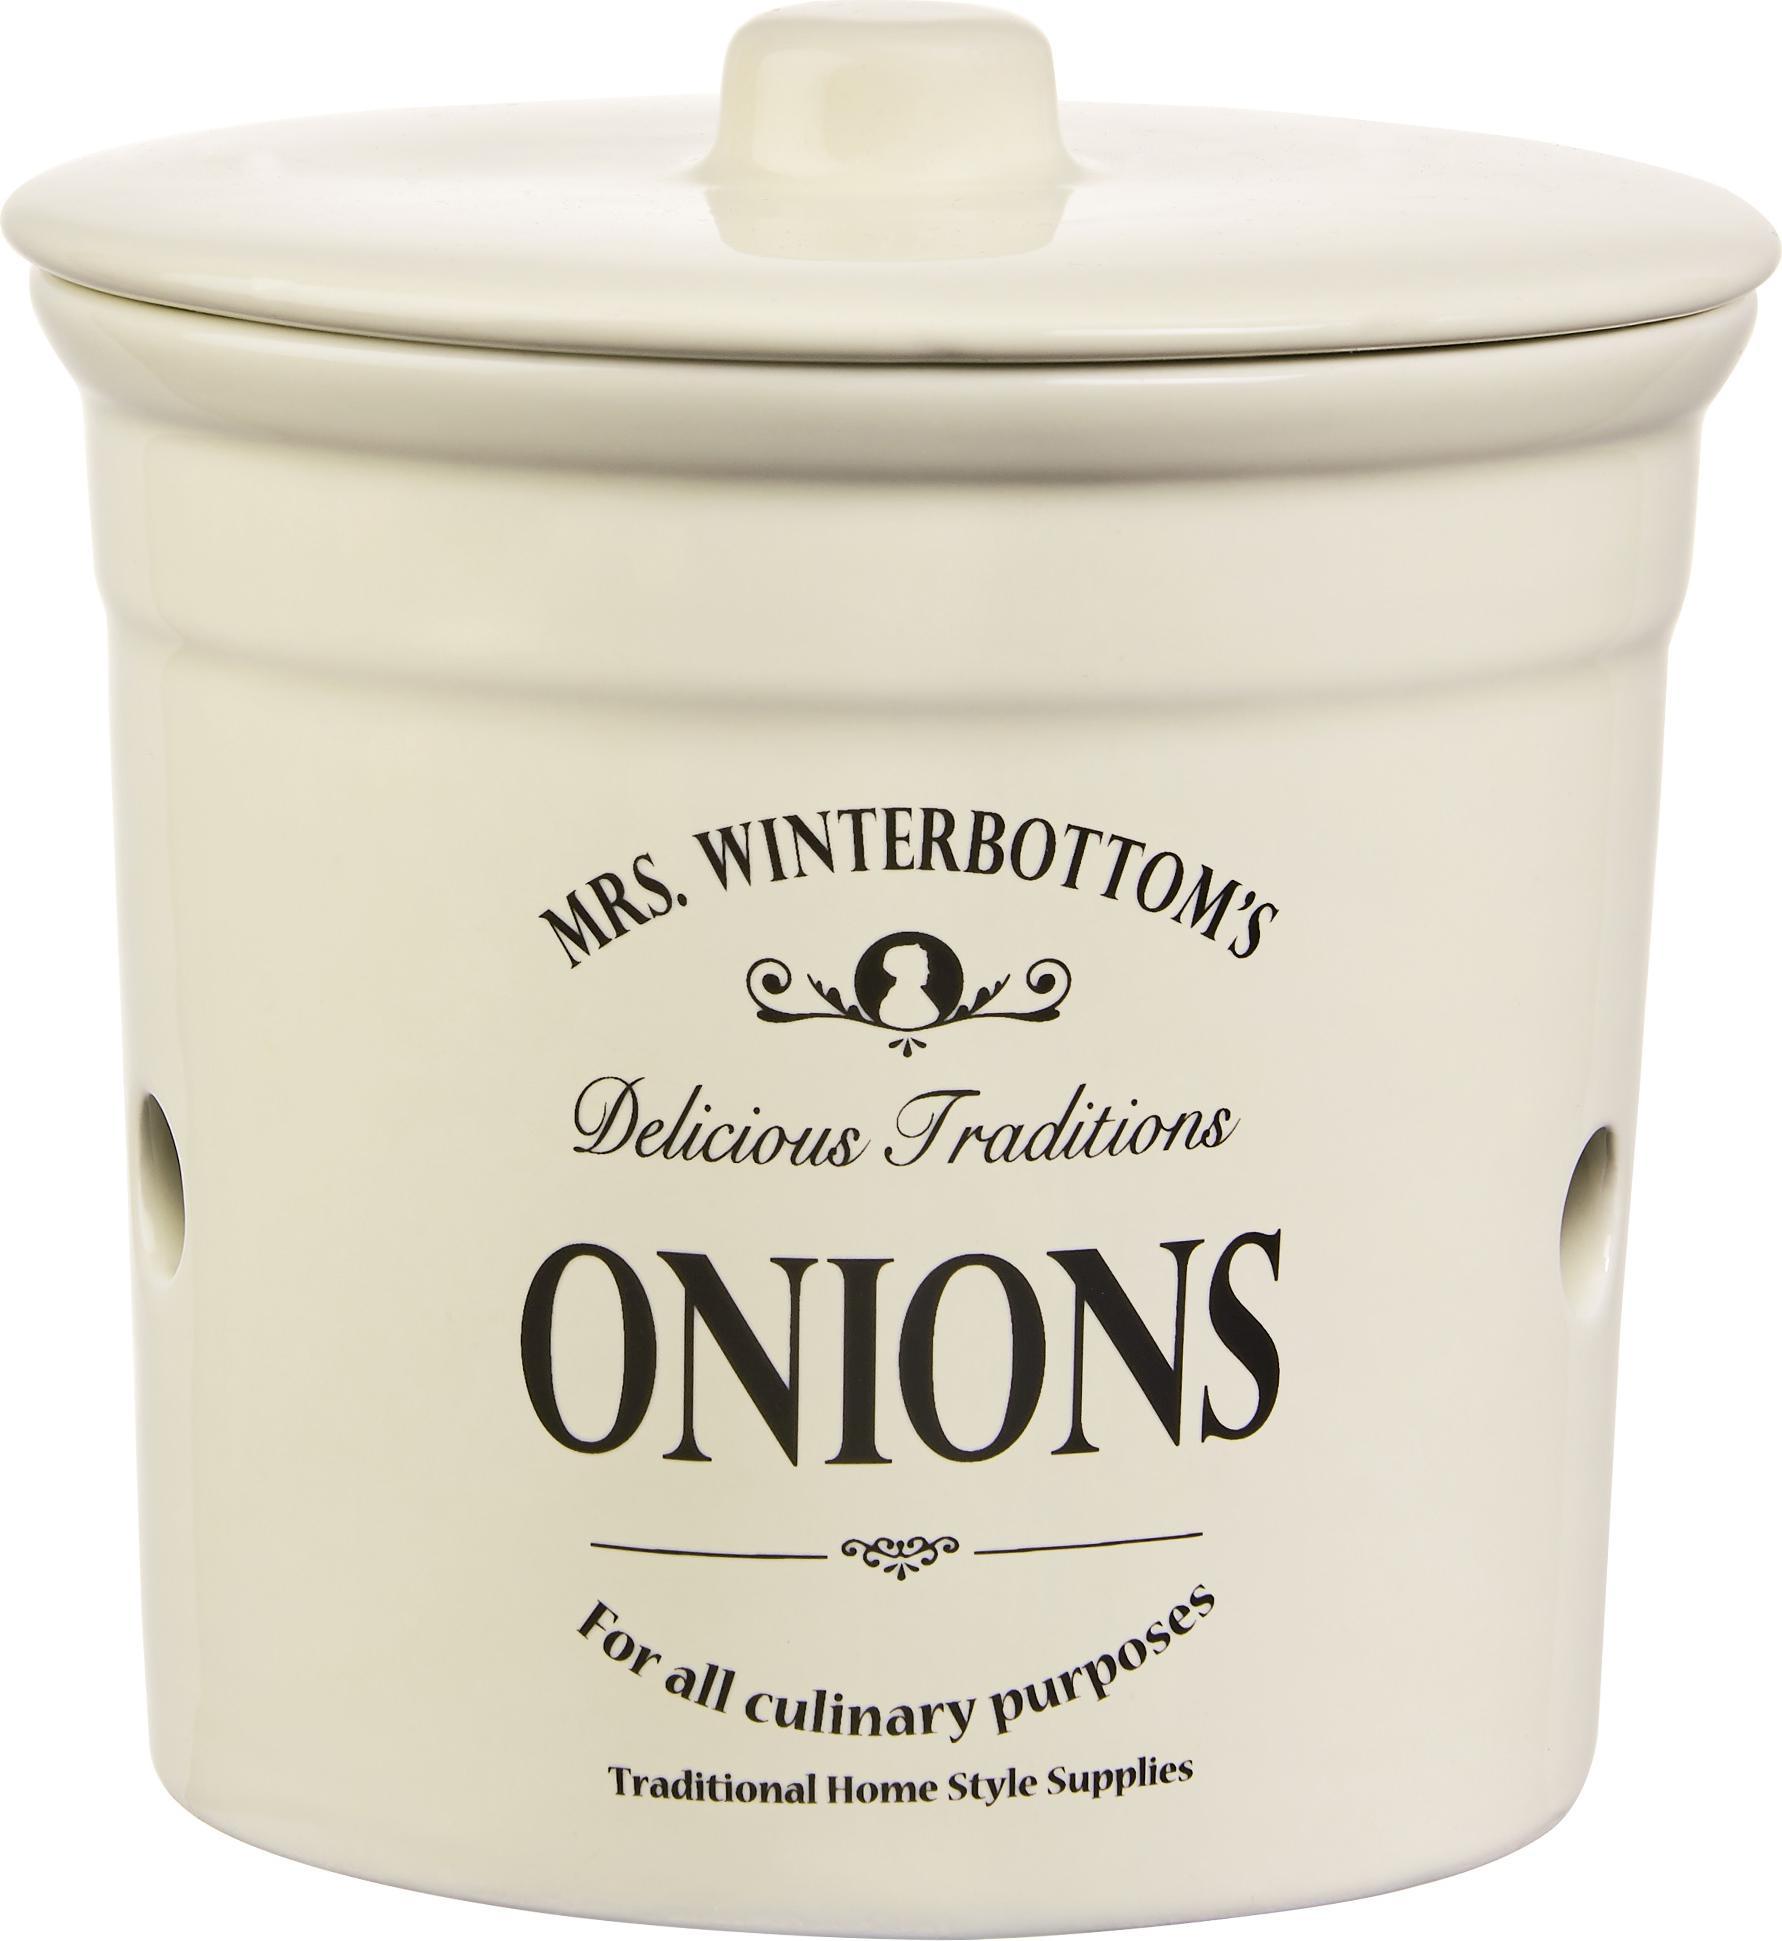 Contenitore Mrs Winterbottoms Onions, Terracotta, Crema, nero, Ø 17 x Alt. 18 cm